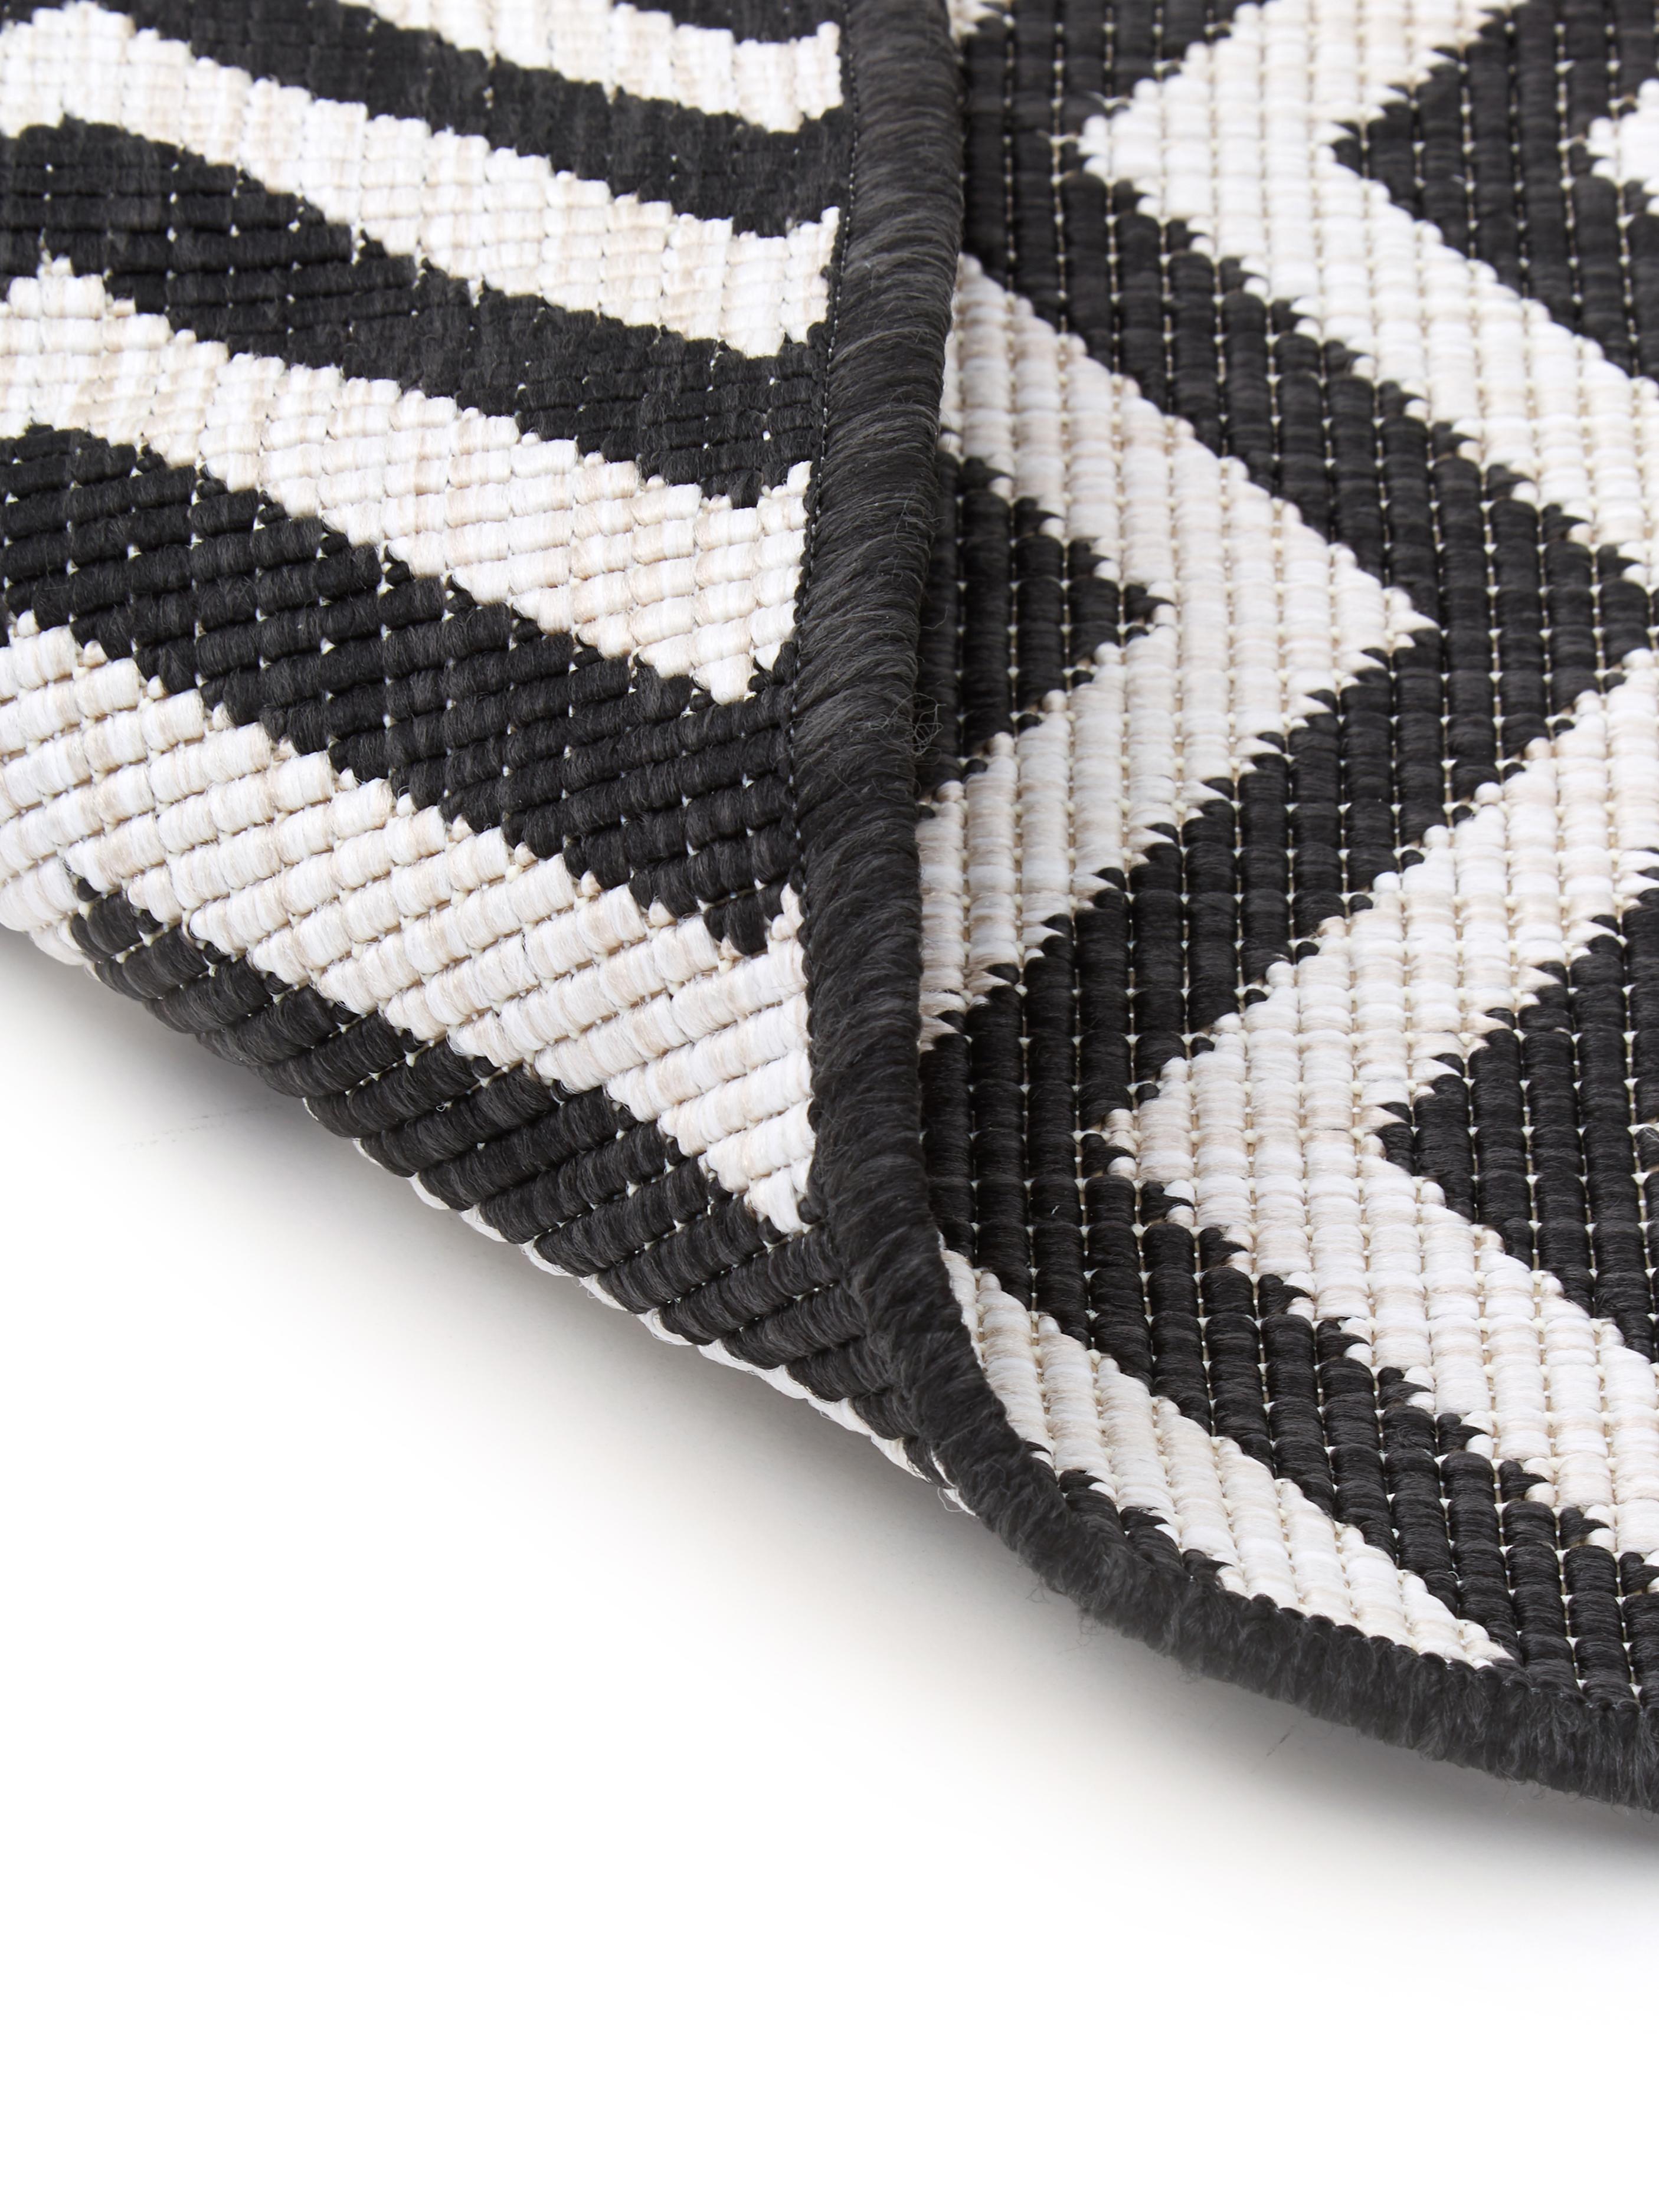 In- & Outdoor-Teppich Palma mit Zickzack-Muster, beidseitig verwendbar, Schwarz, Creme, B 200 x L 290 cm (Größe L)